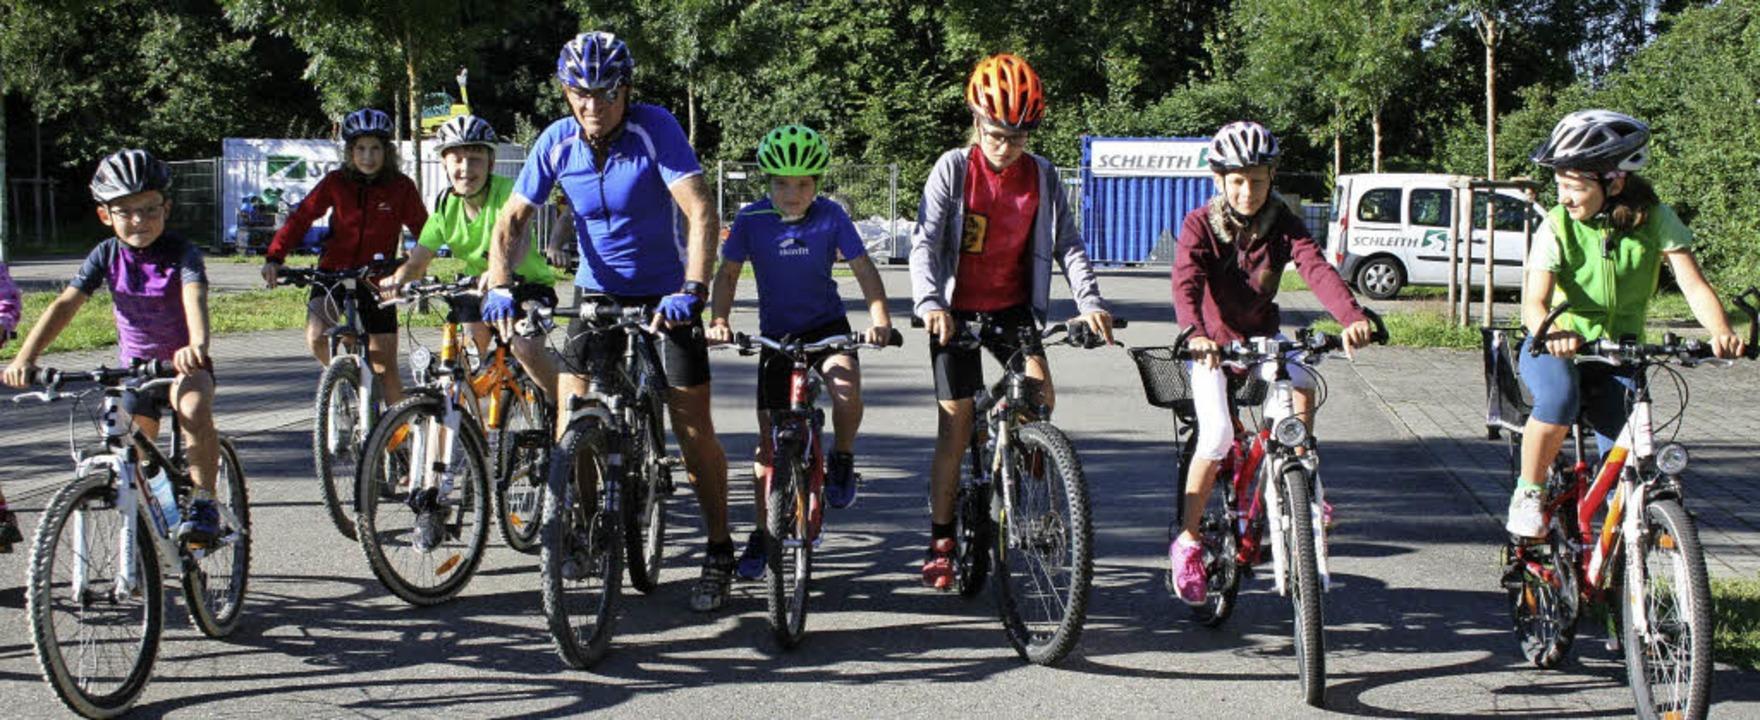 Zum Fahrradtraining im Rahmen des Scho...zend Mädchen und Buben machte mit.        Foto: Ralph Lacher